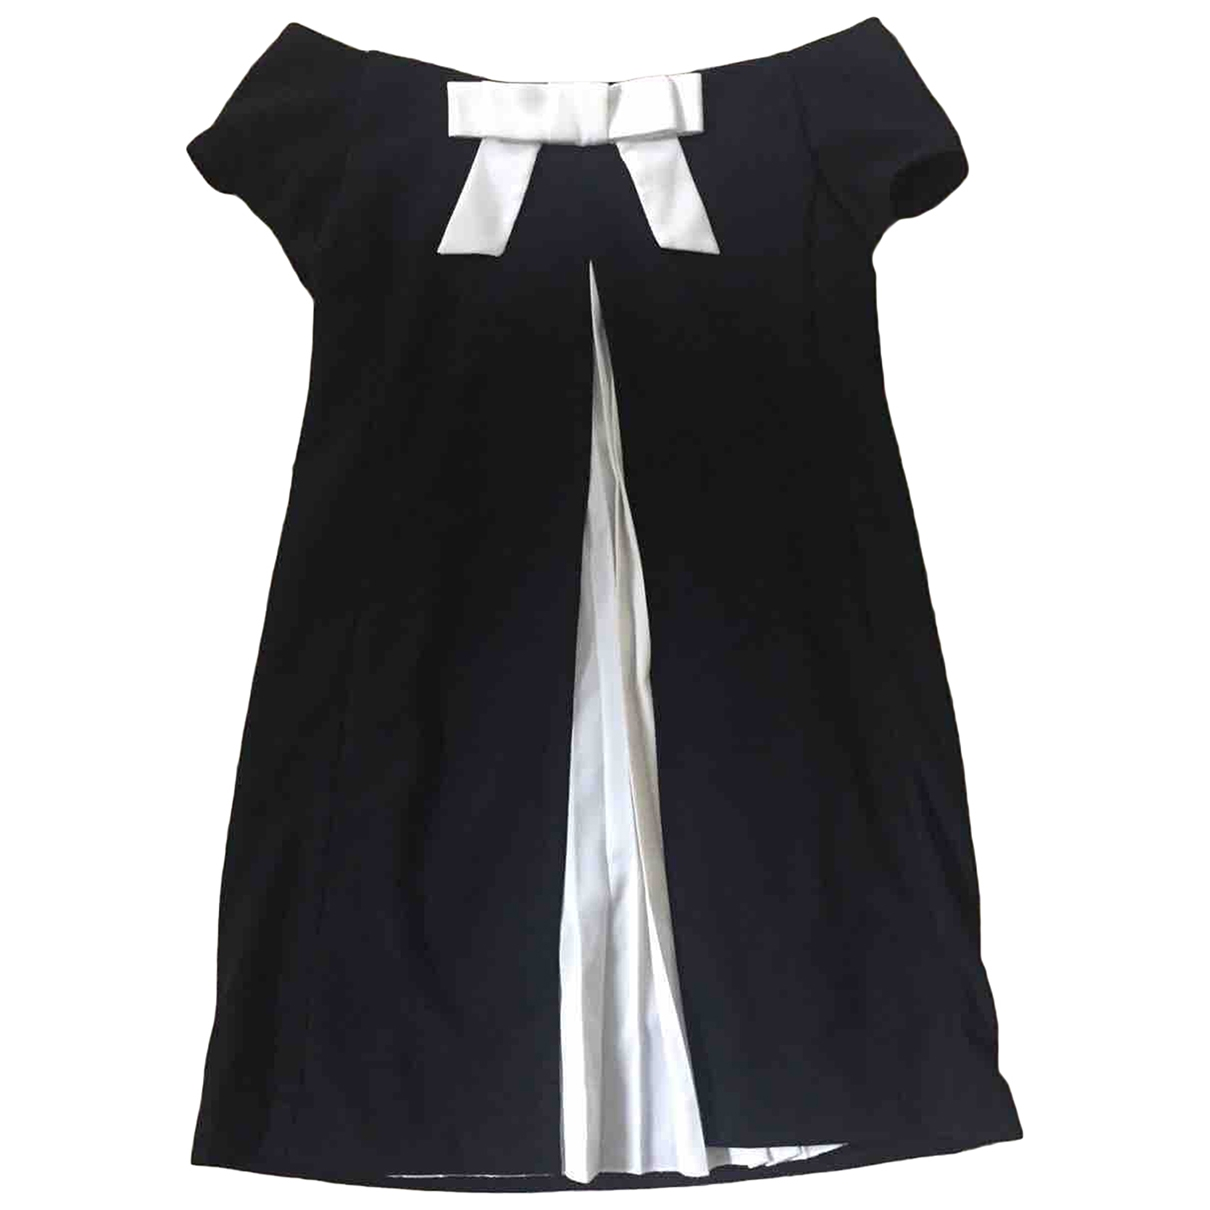 Imperial \N Kleid in  Schwarz Synthetik